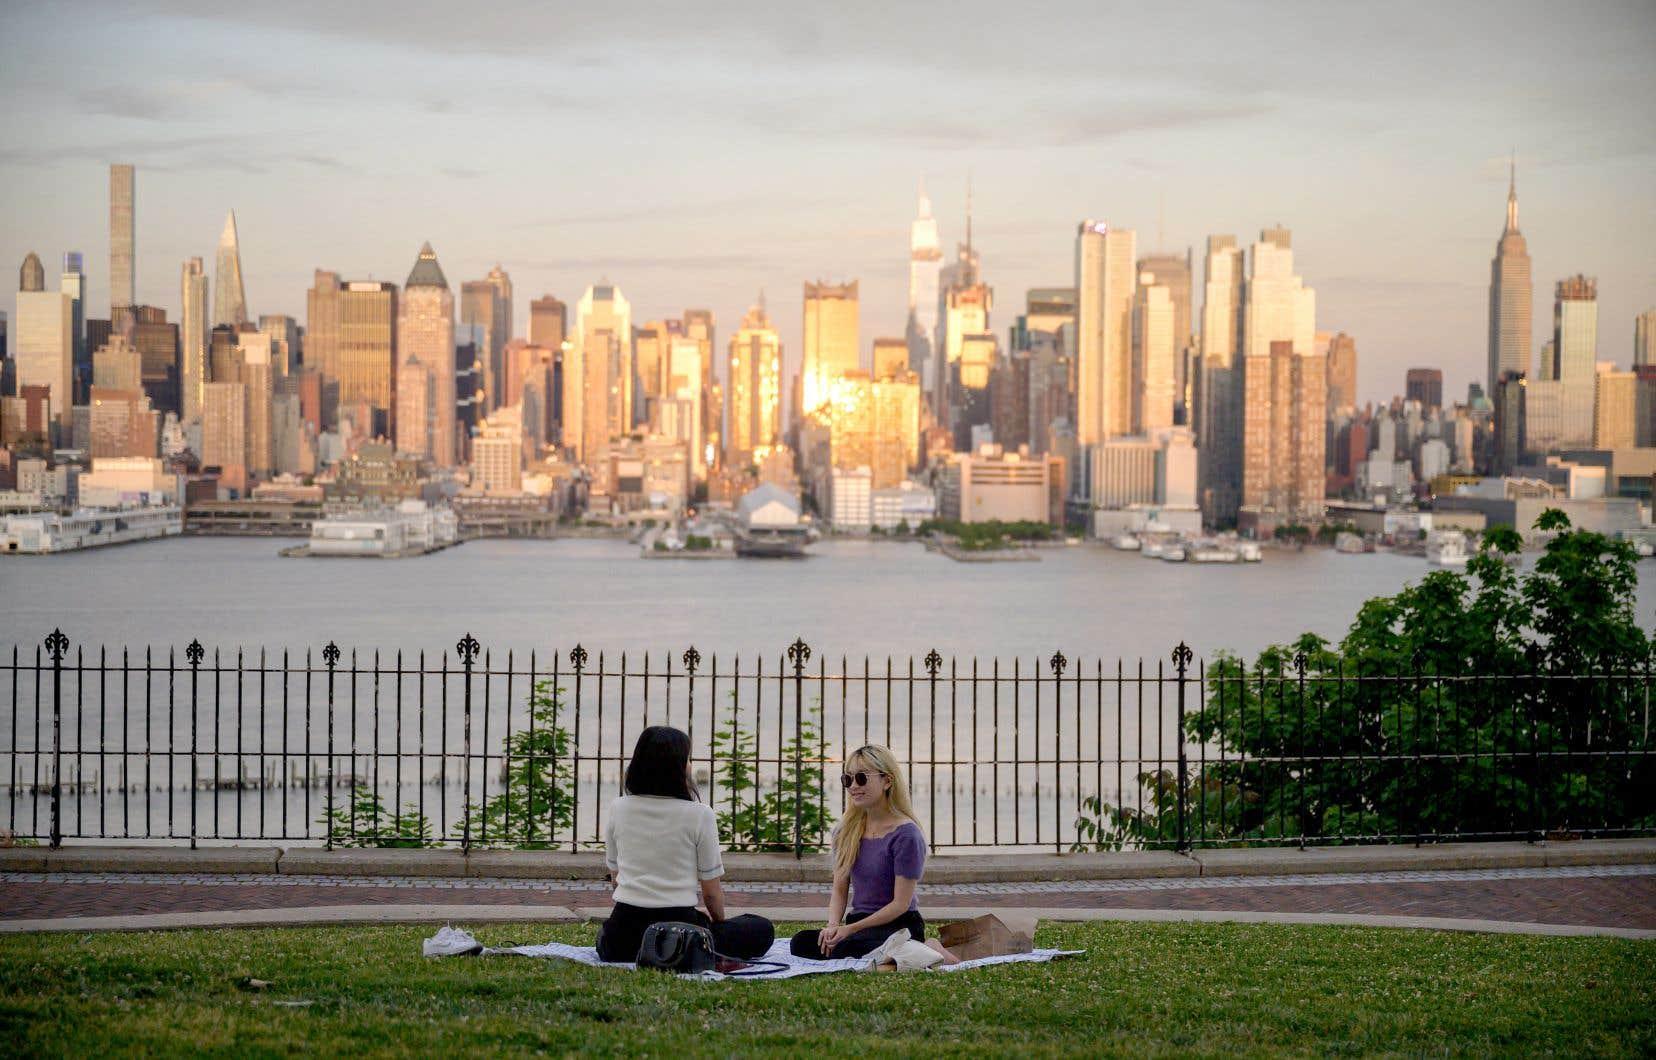 Peu à peu, New York commence à ressembler à ce qu'elle était avant. Et le tourisme y reprend doucement.